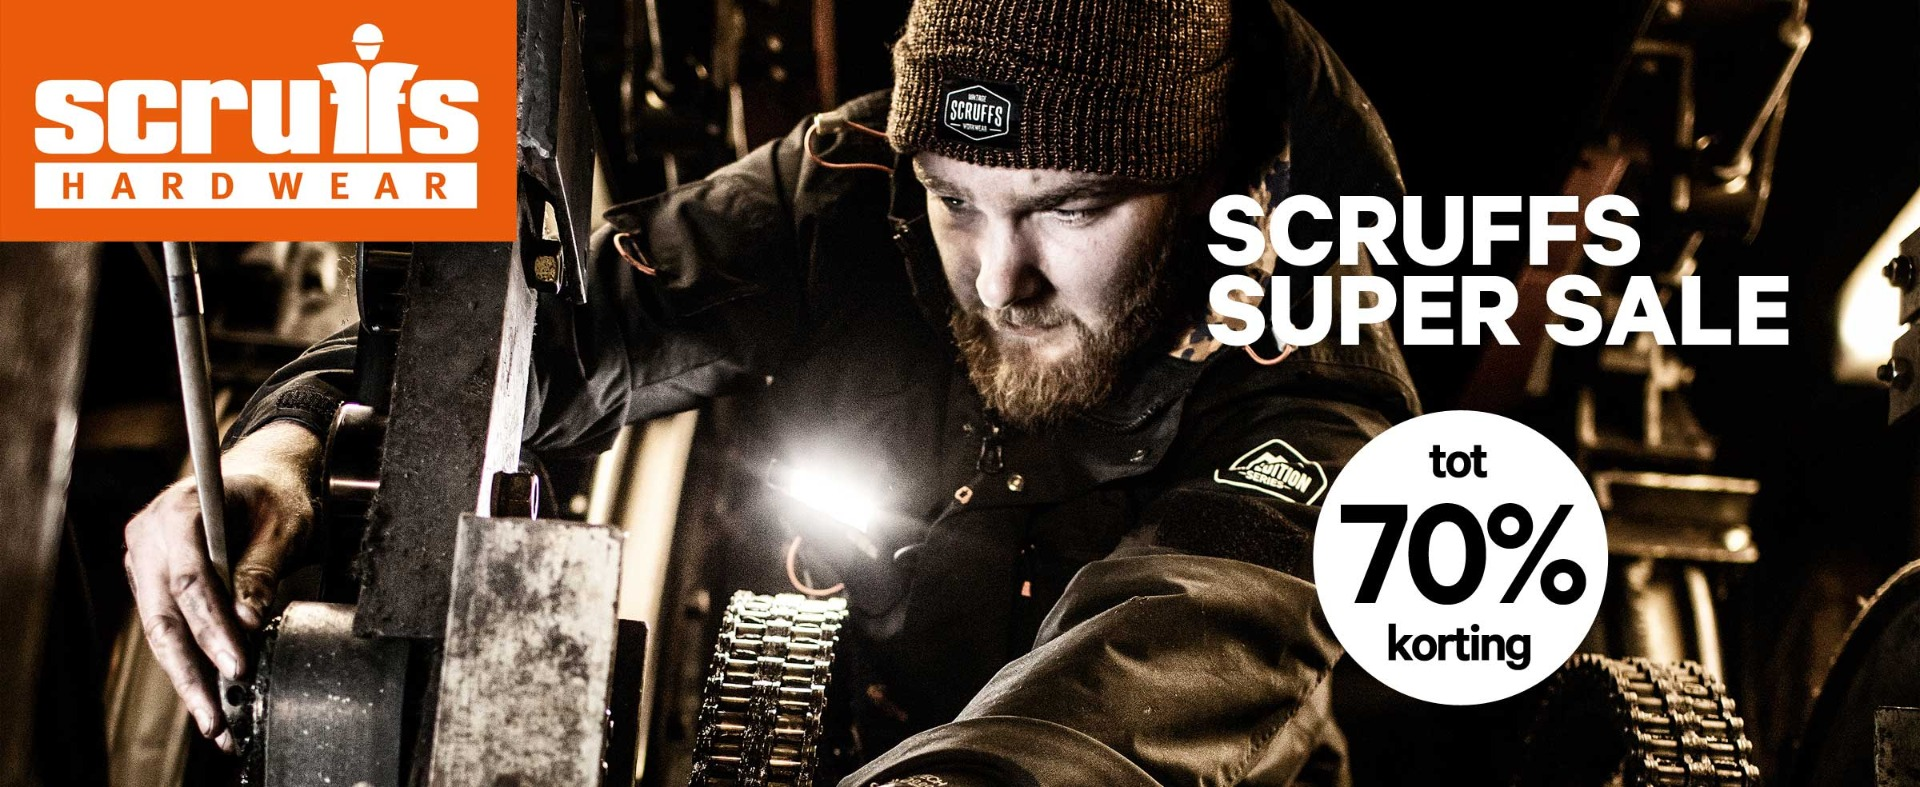 SA1NT Works - Monteur met Scruffs kleding